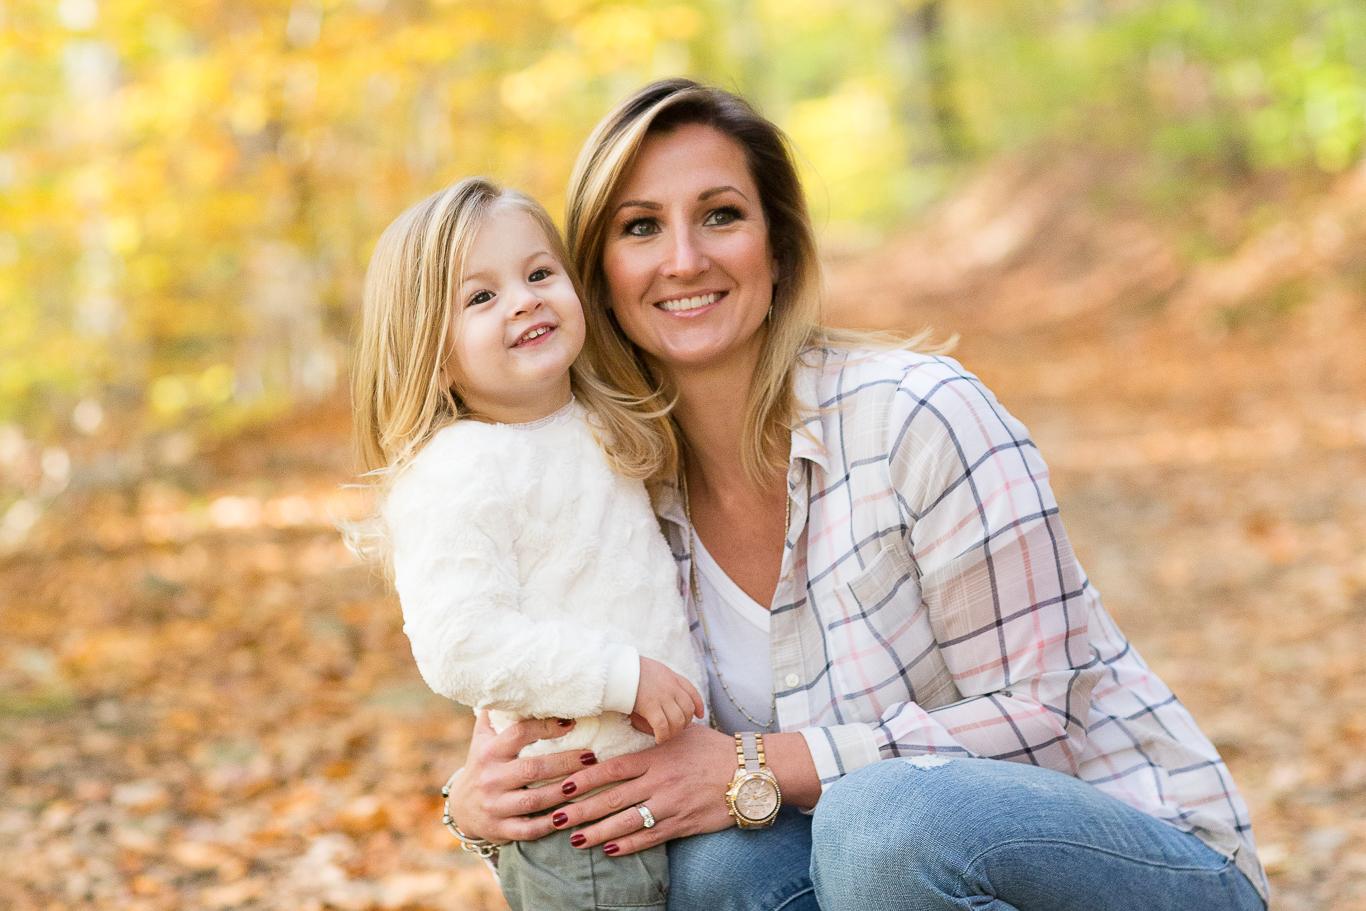 clytie-sadler-photography-fall-family-portraits-007.JPG